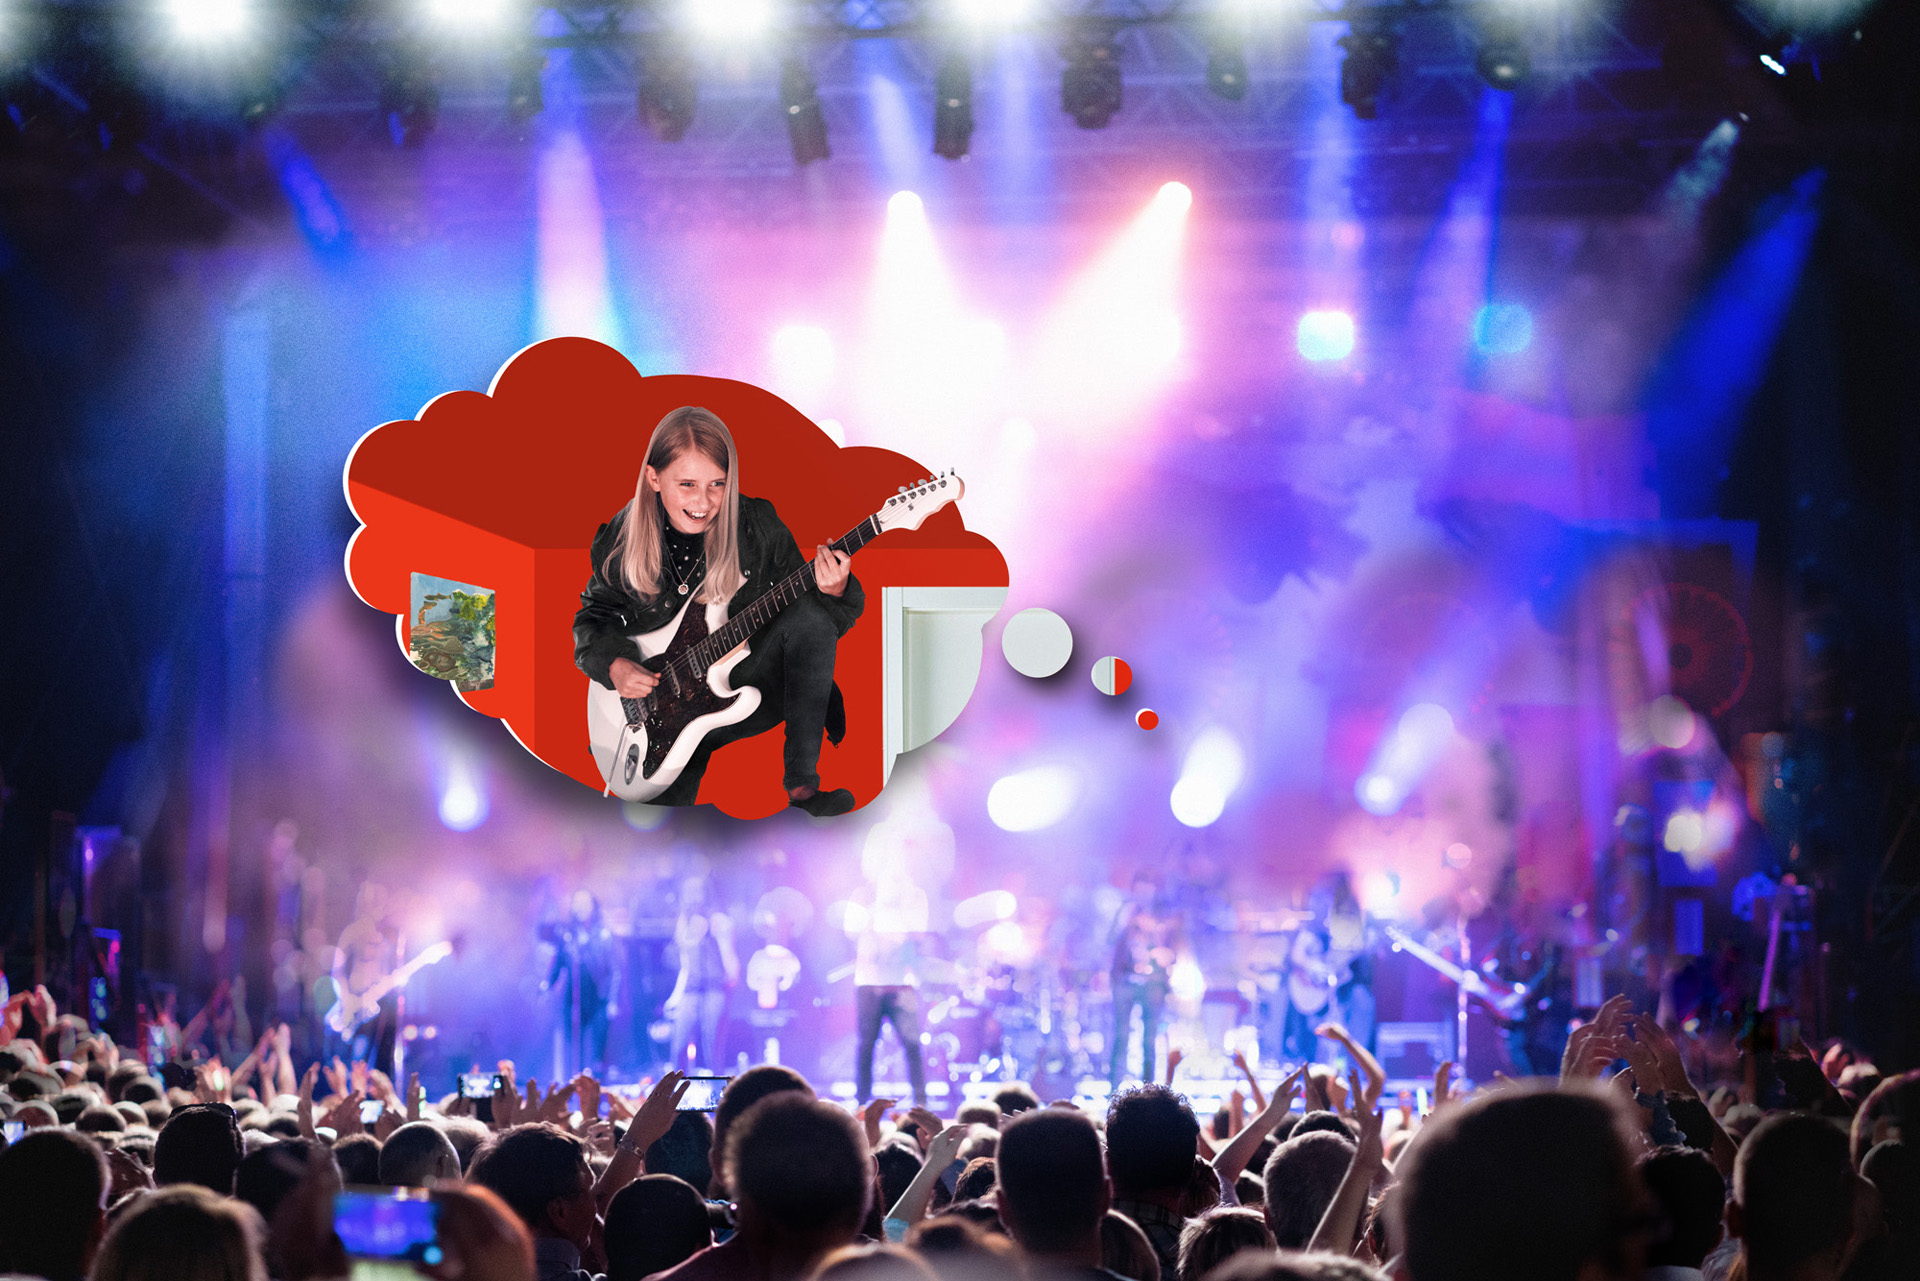 """""""Desde Disney aspiramos a promover constantemente una cultura de igualdad, respeto e inclusión, inspirando valores positivos en las futuras generaciones y promoviendo el liderazgo de las niñas para que se animen a creer en sí mismas y redefinir paradigmas"""", comentó Belén Urbaneja, directora, Corporate Citizenship & Brand Management de The Walt Disney Company Latin America (Laura Zalenga)"""